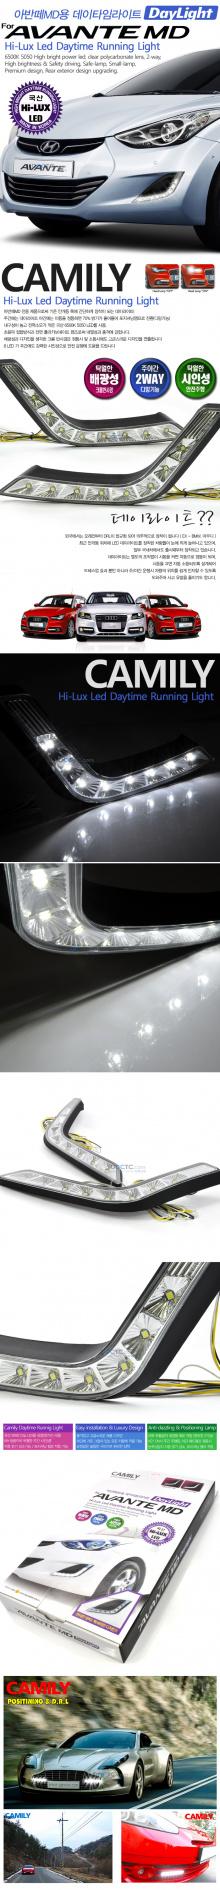 Тюнинг Hyundai Elantra5 (V) - Светодиодные ходовые огни Hi-Lux